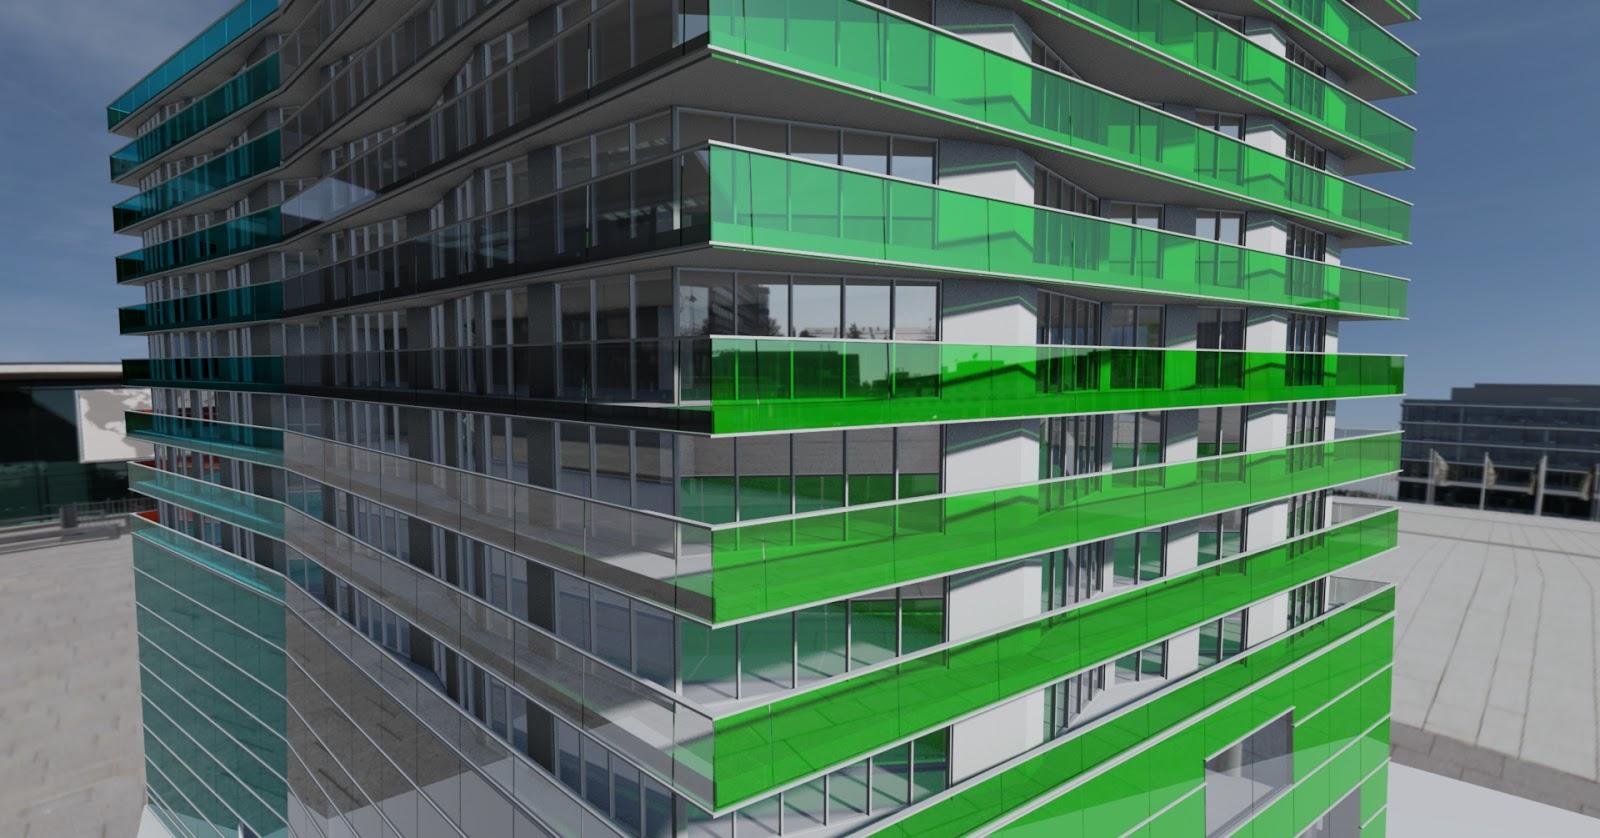 Revit showcase arquitectura virtual jgs for Arquitectura virtual